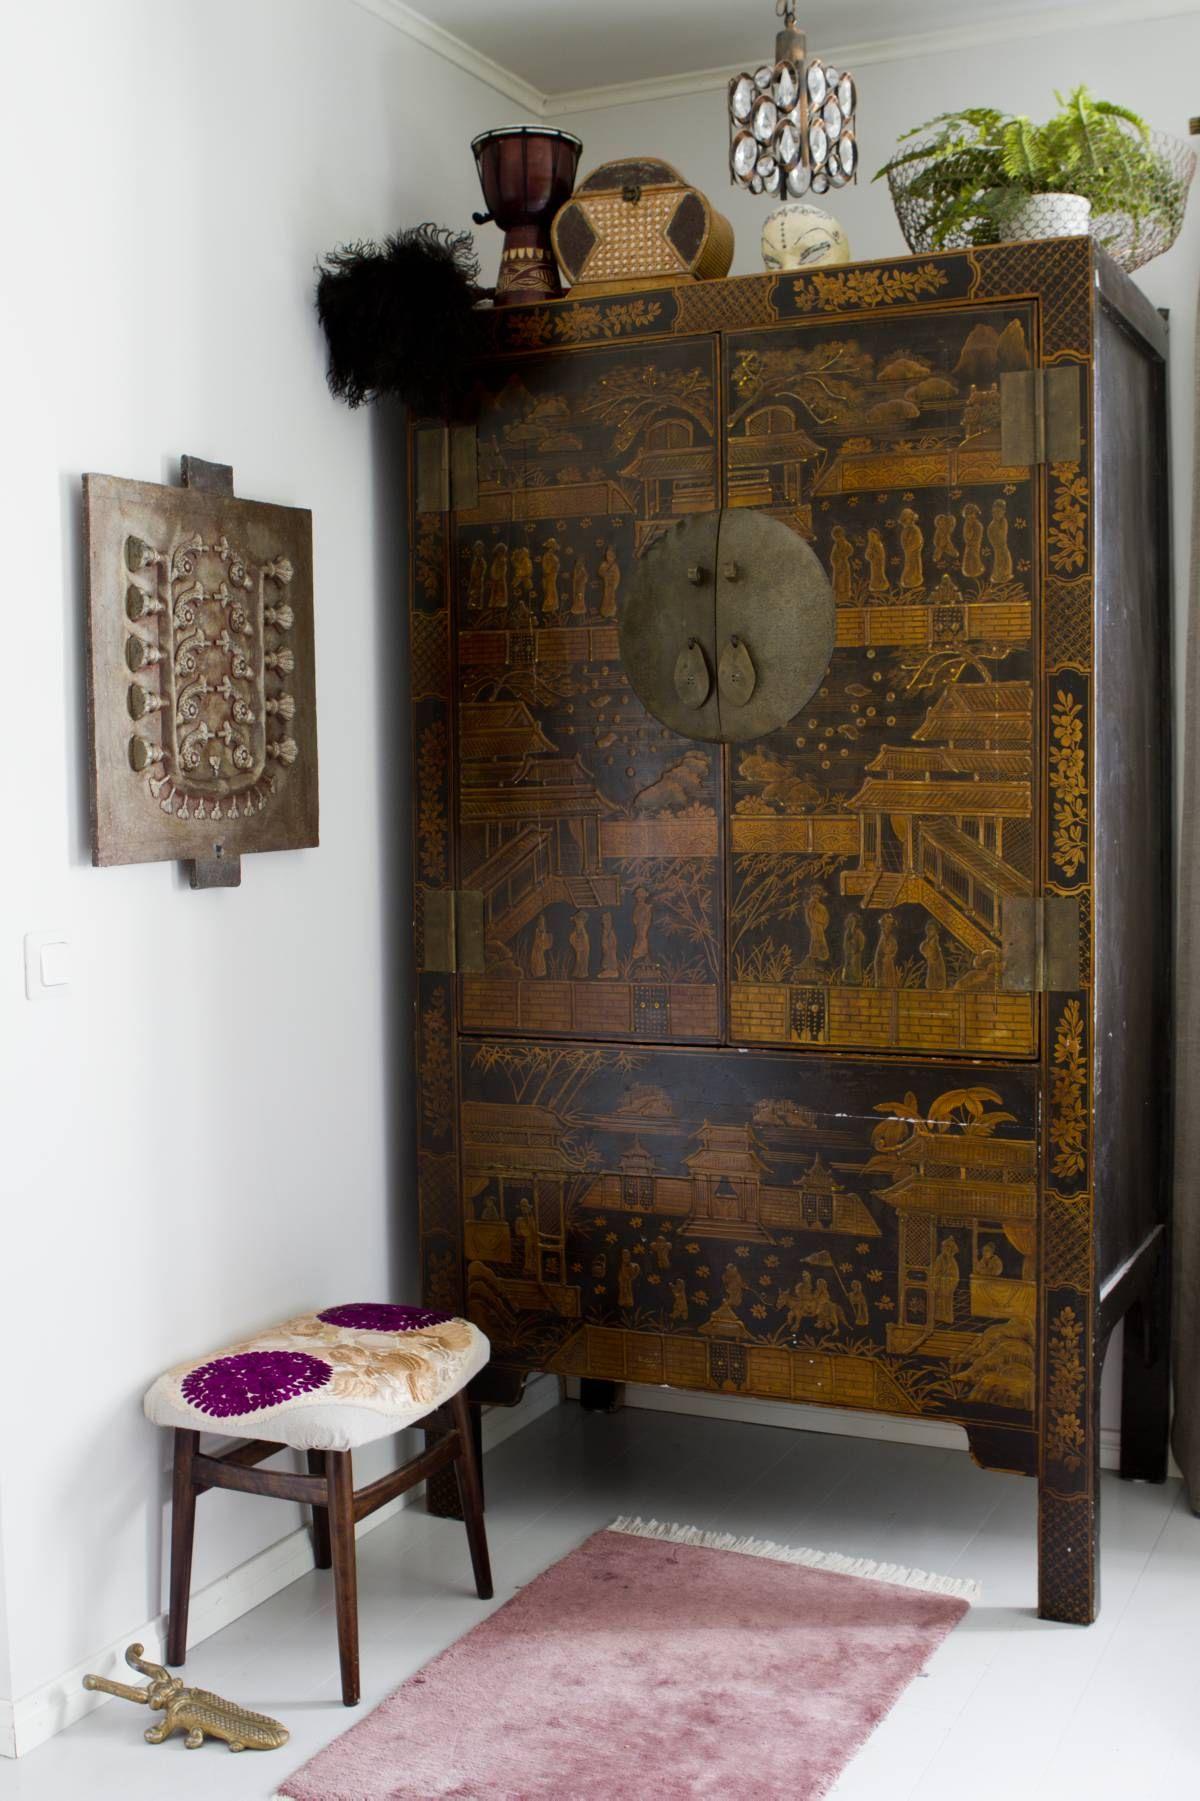 Kiinalainen kaappi on kodin rakkain huonekalu. Sen pinta on kuvioitu erilaisilla kuvilla, ornamenteilla ja kasvoilla. Sarion lampputehtaan huutokaupasta löytynyt muotti on Marjon ensimmäinen huutokauppaostos.